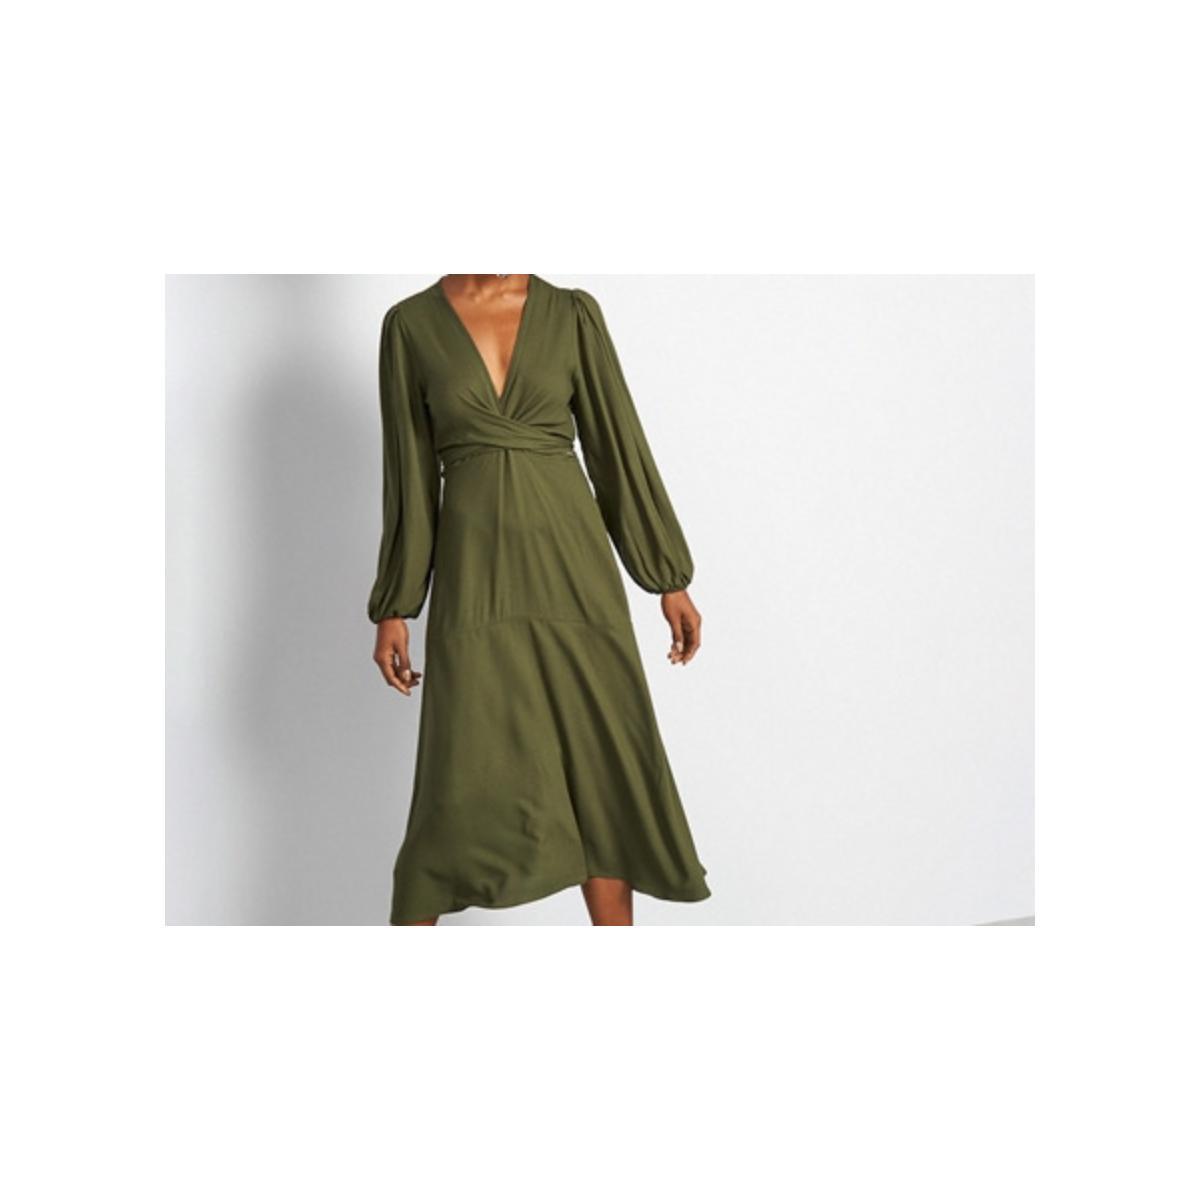 Vestido Feminino Colcci 440110778 39011 Verde